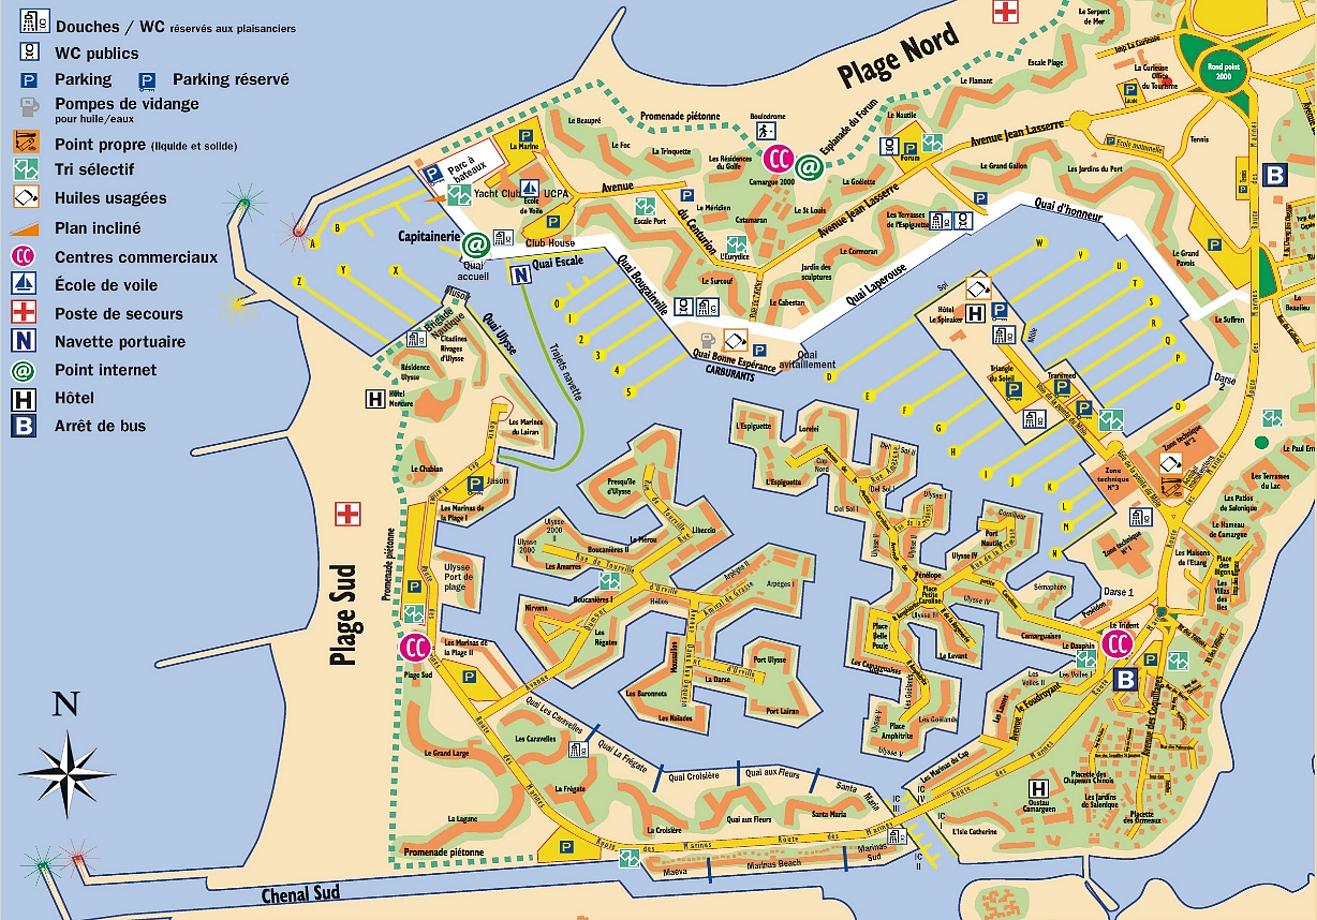 Camargue Karte.Revierinformation Für Segler Beschreibung Der Marina Port Camargue